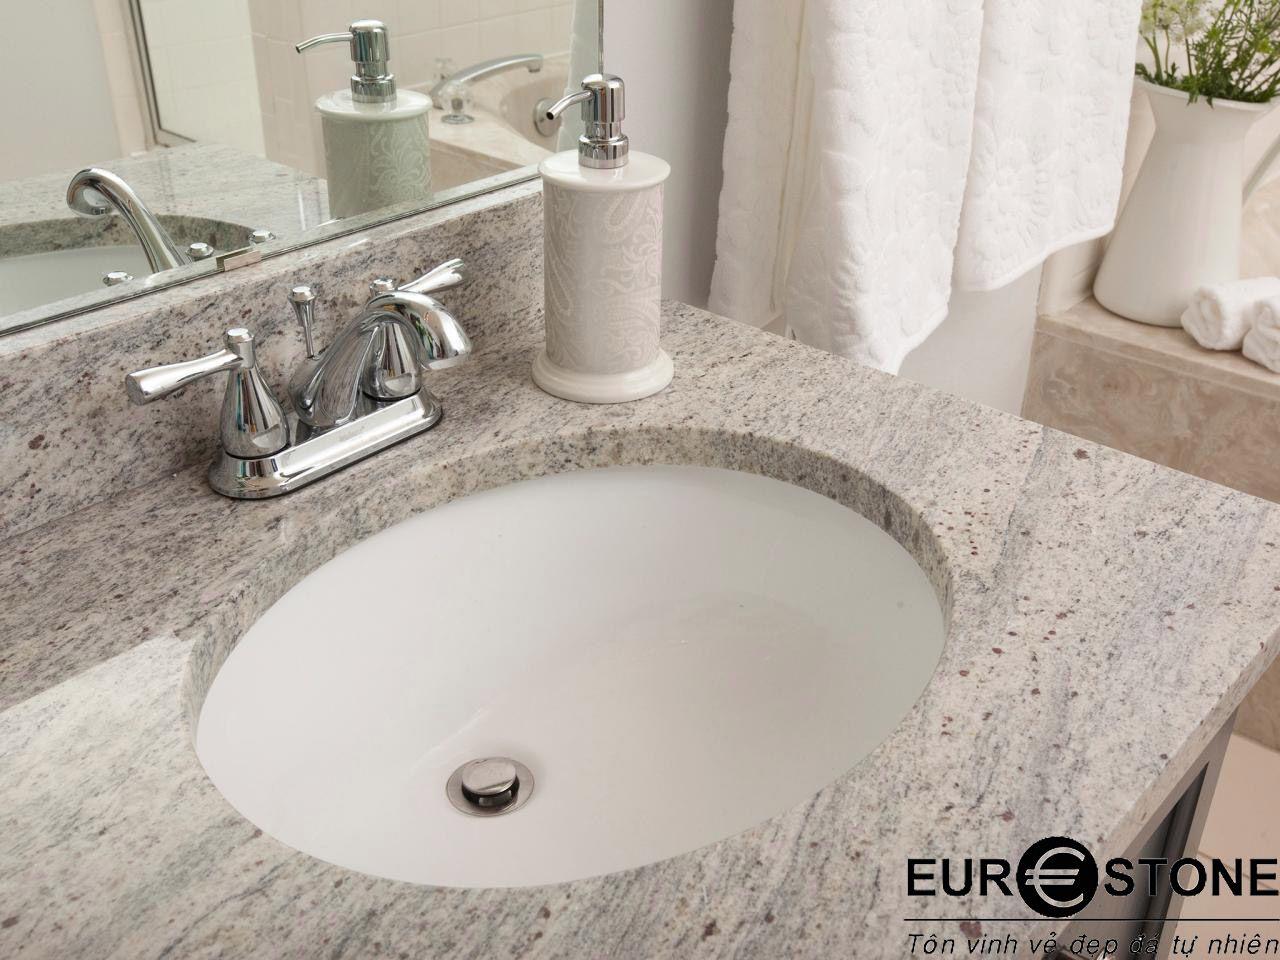 Bàn đá Lavabo Granite Bàn đá Lavabo Undermount Bathroom Sink